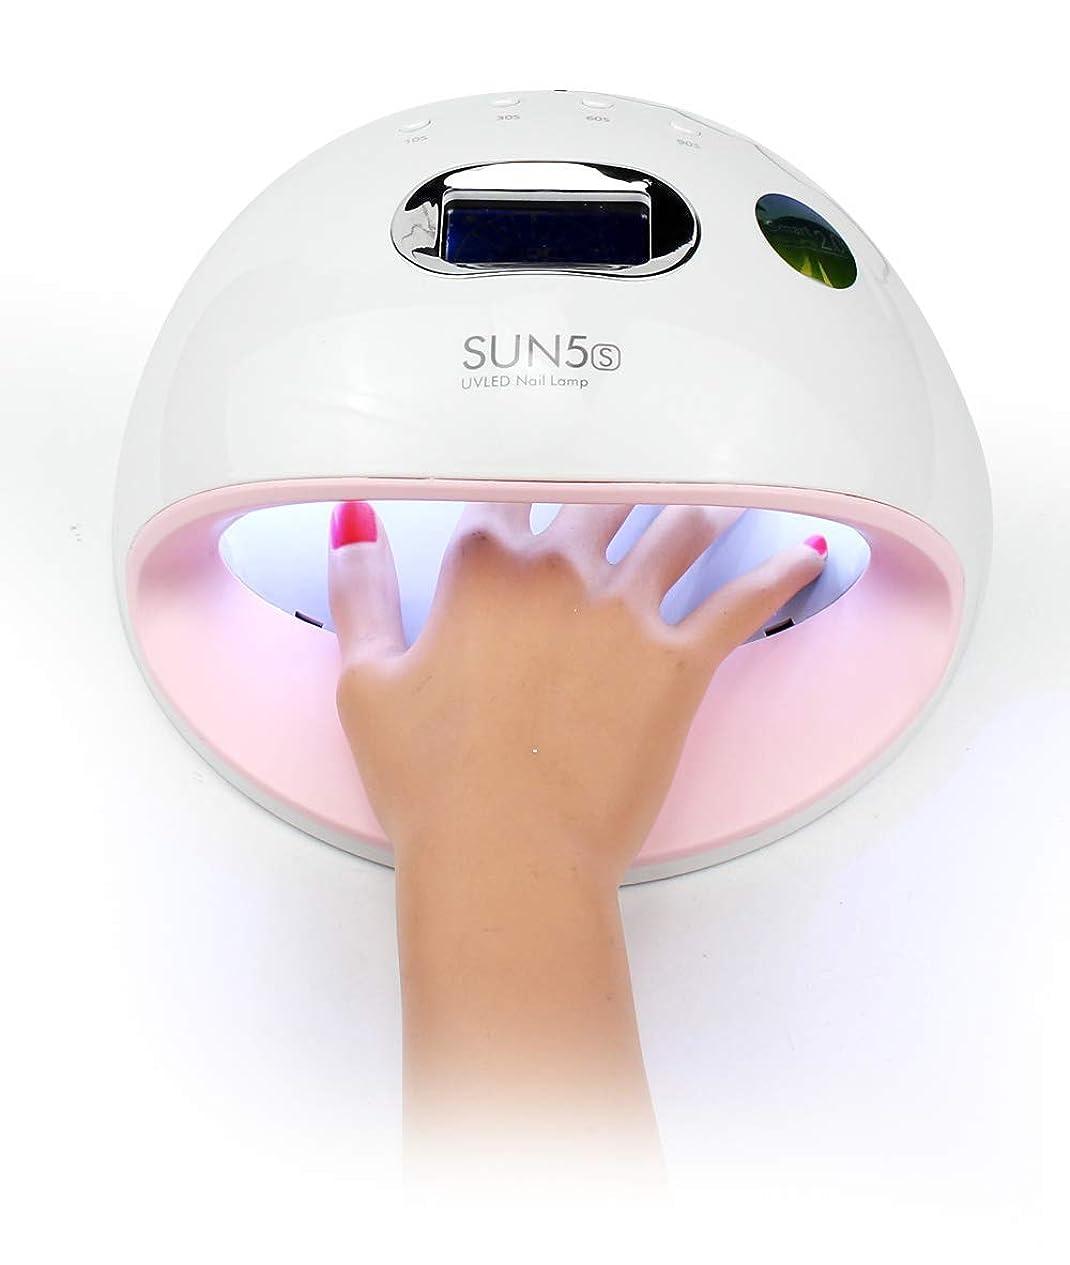 ネイル用72ワットランプ硬化用ネイルランプジェルポリッシュネイルドライヤー紫外線マニキュアポリッシャー用装置